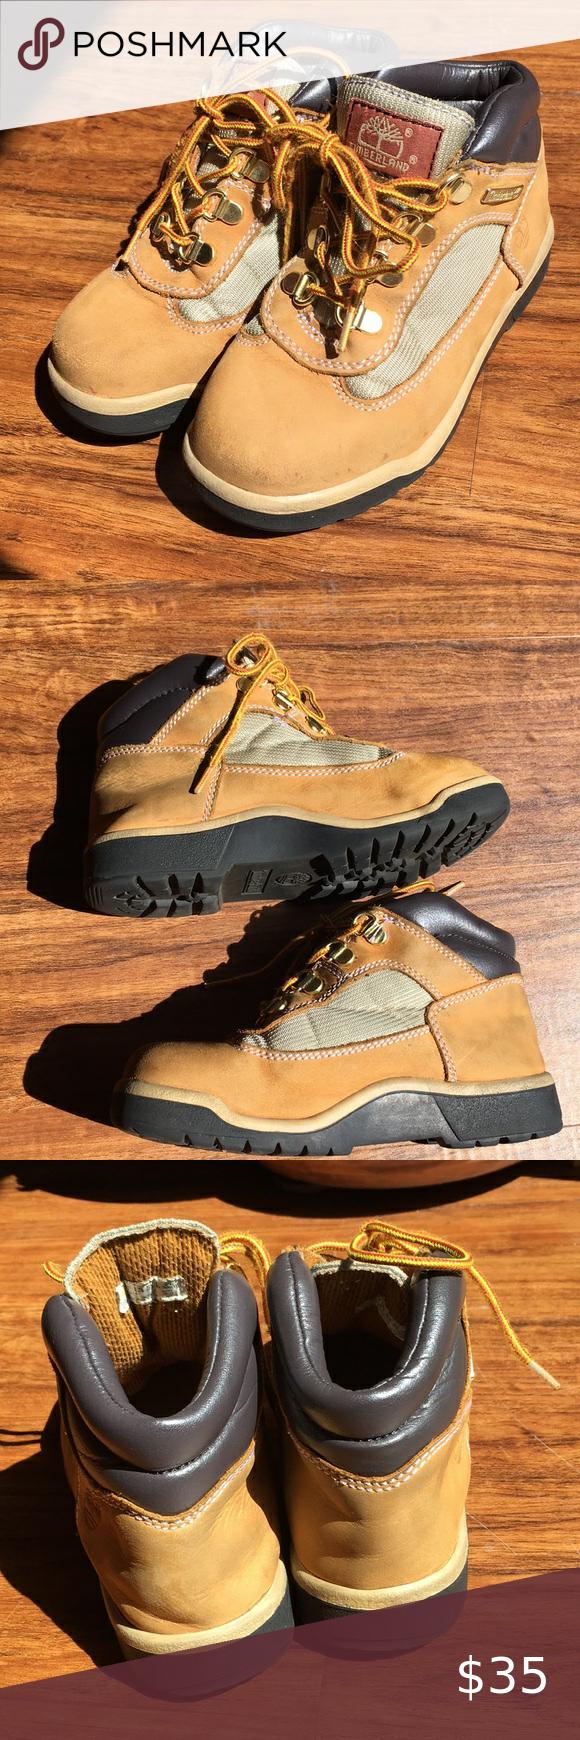 Timberland boots size 1youth Timberland